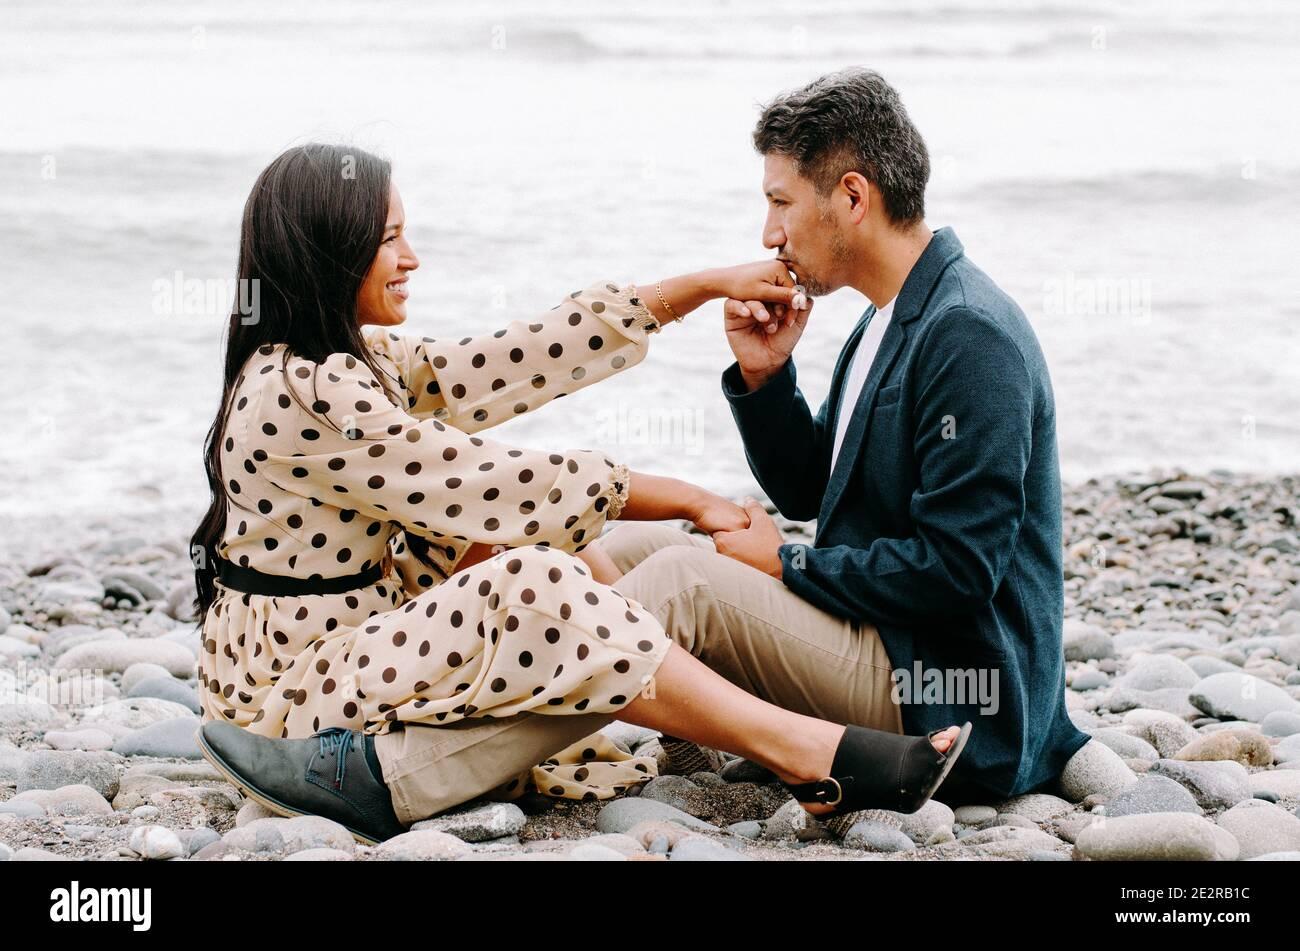 Junges Paar in der Liebe, attraktive Mann und Frau genießen ein romantisches Date am Strand, Mann küssen Frau die Hand Stockfoto